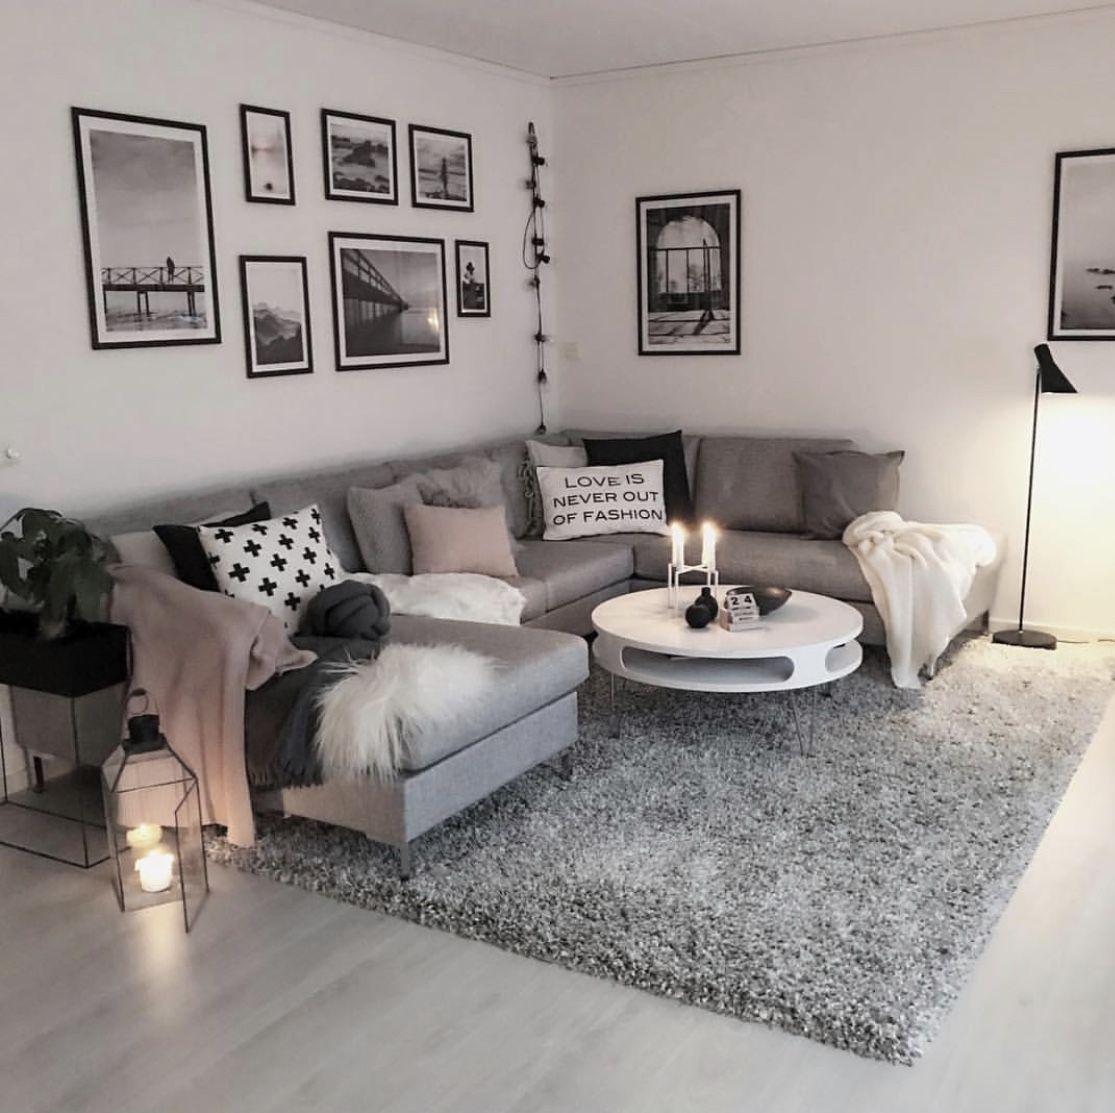 dekoration | wohnzimmer ideen wohnung, wohnung wohnzimmer